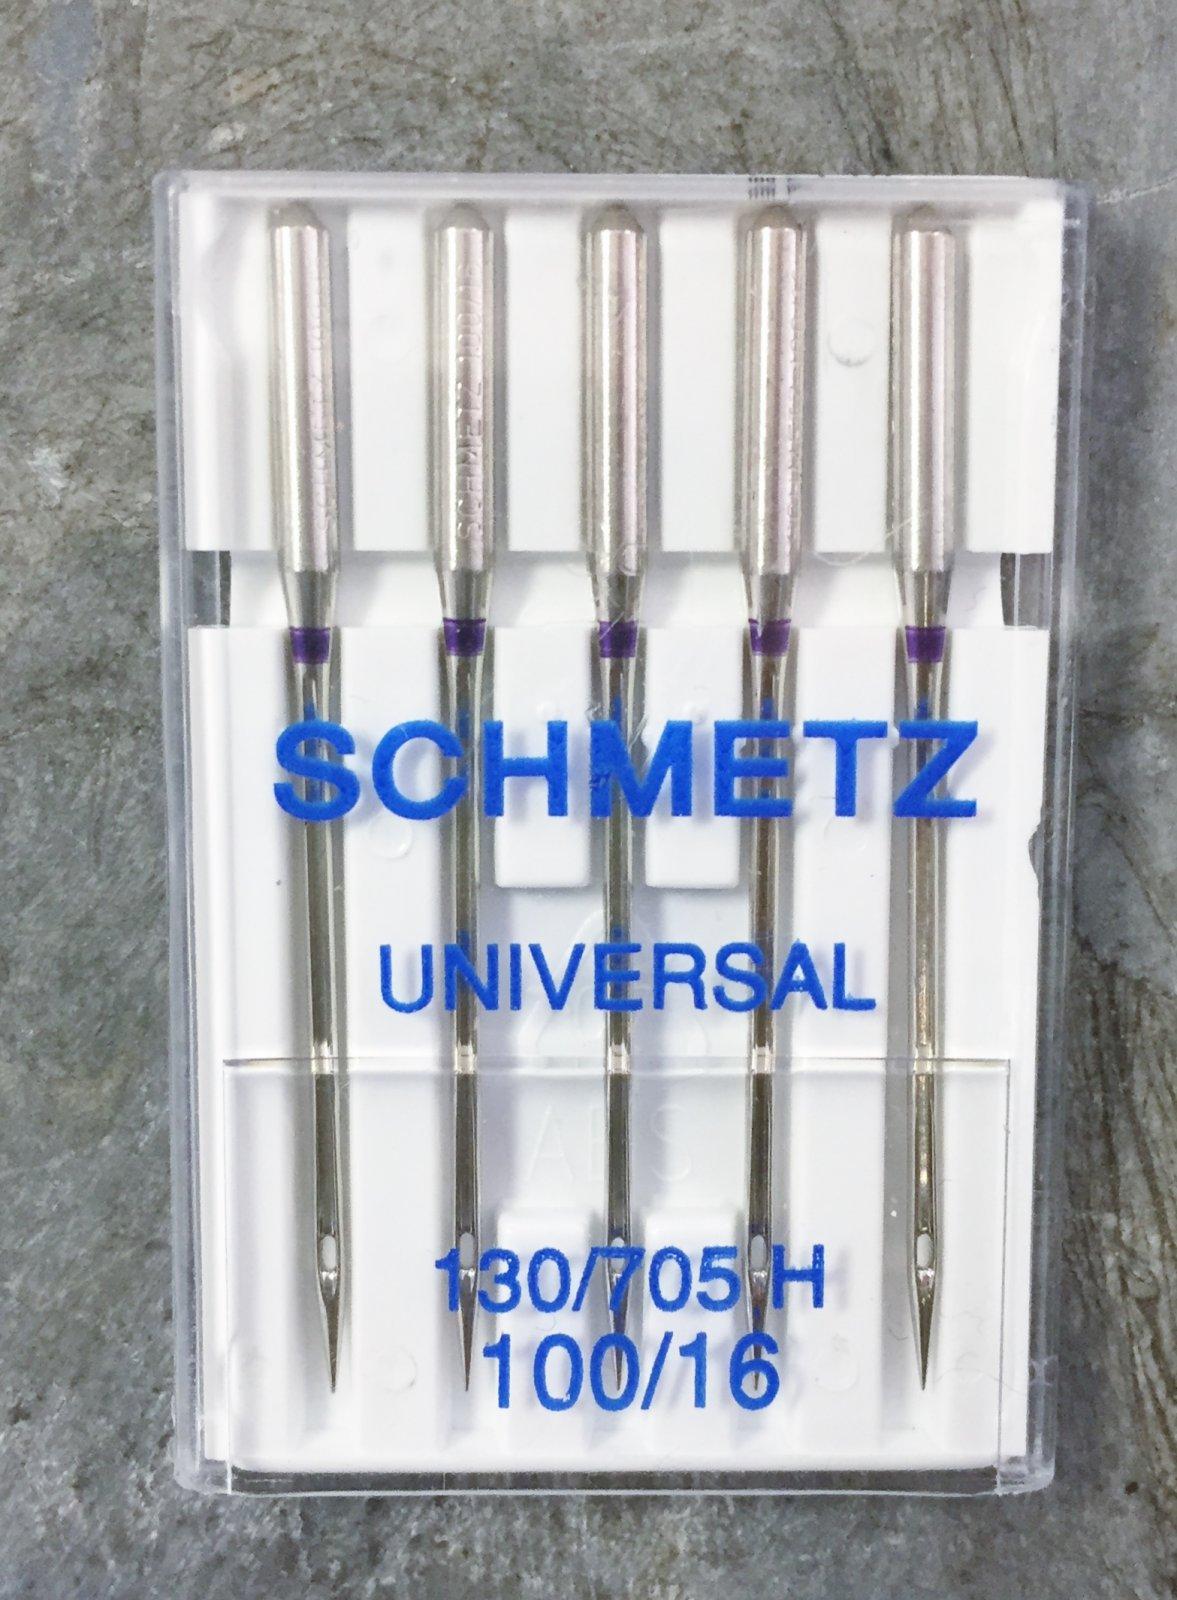 100/16 UNIVERSAL SCHMETZ